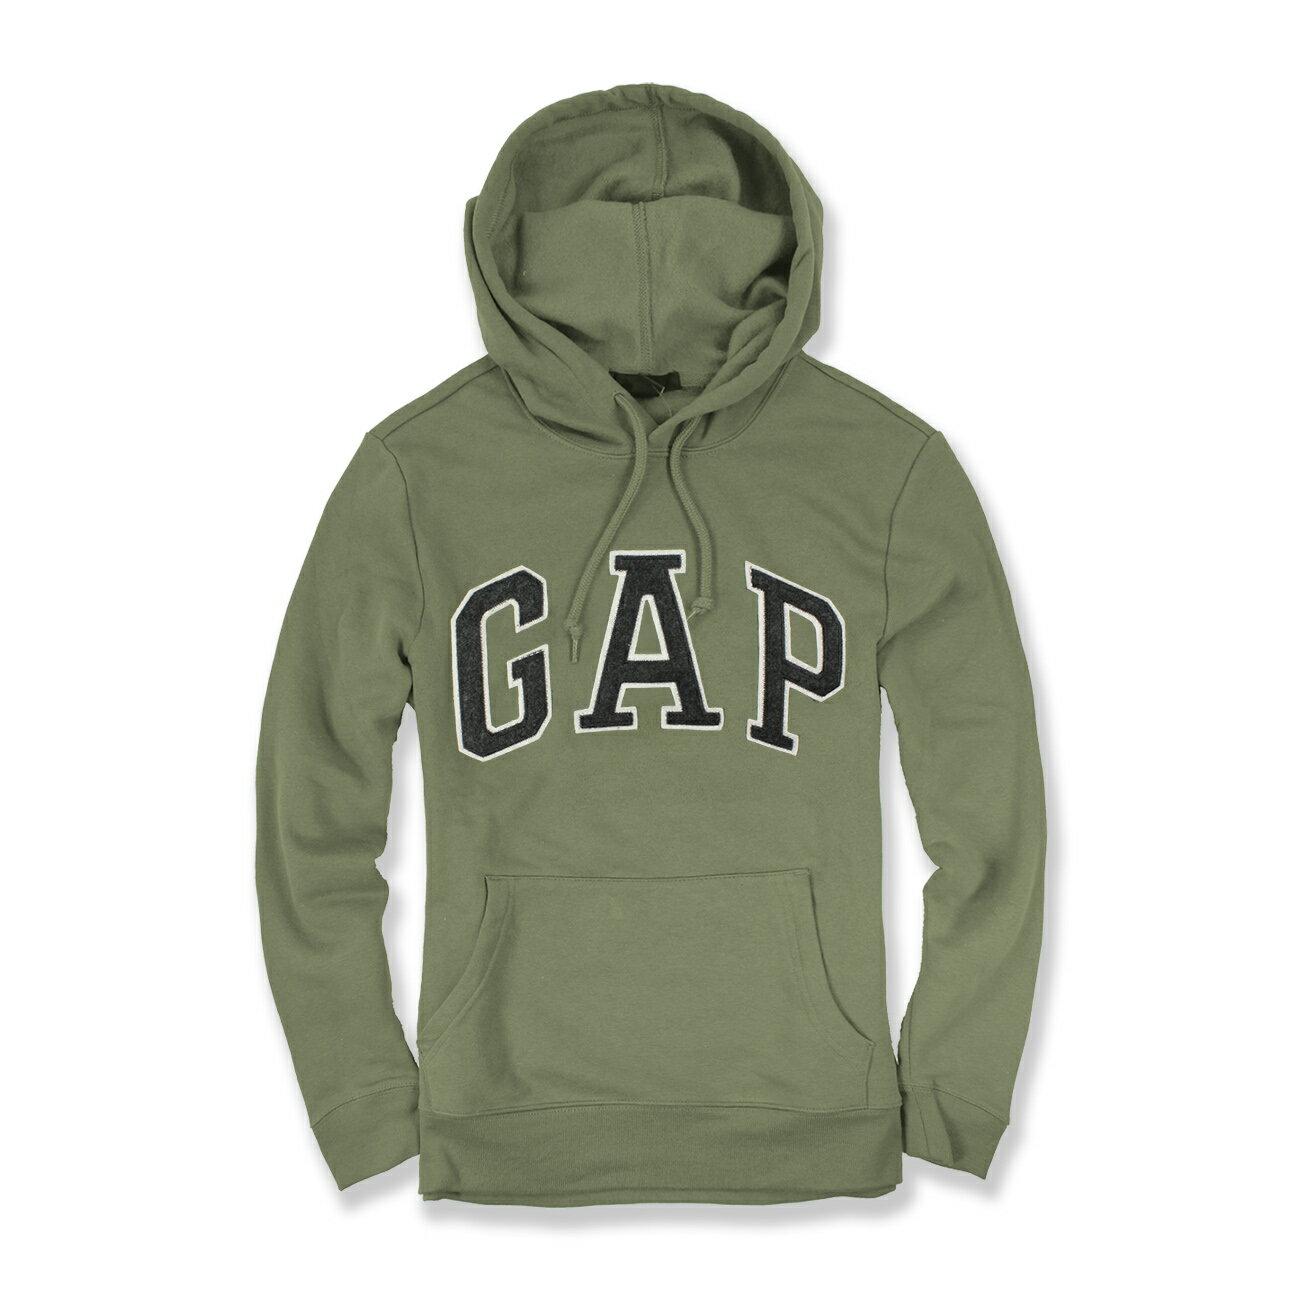 美國百分百【全新真品】GAP 帽T 上衣 外套 長袖 連帽 LOGO 貼布 軍綠 深灰字 現貨 男 XS S號 E461